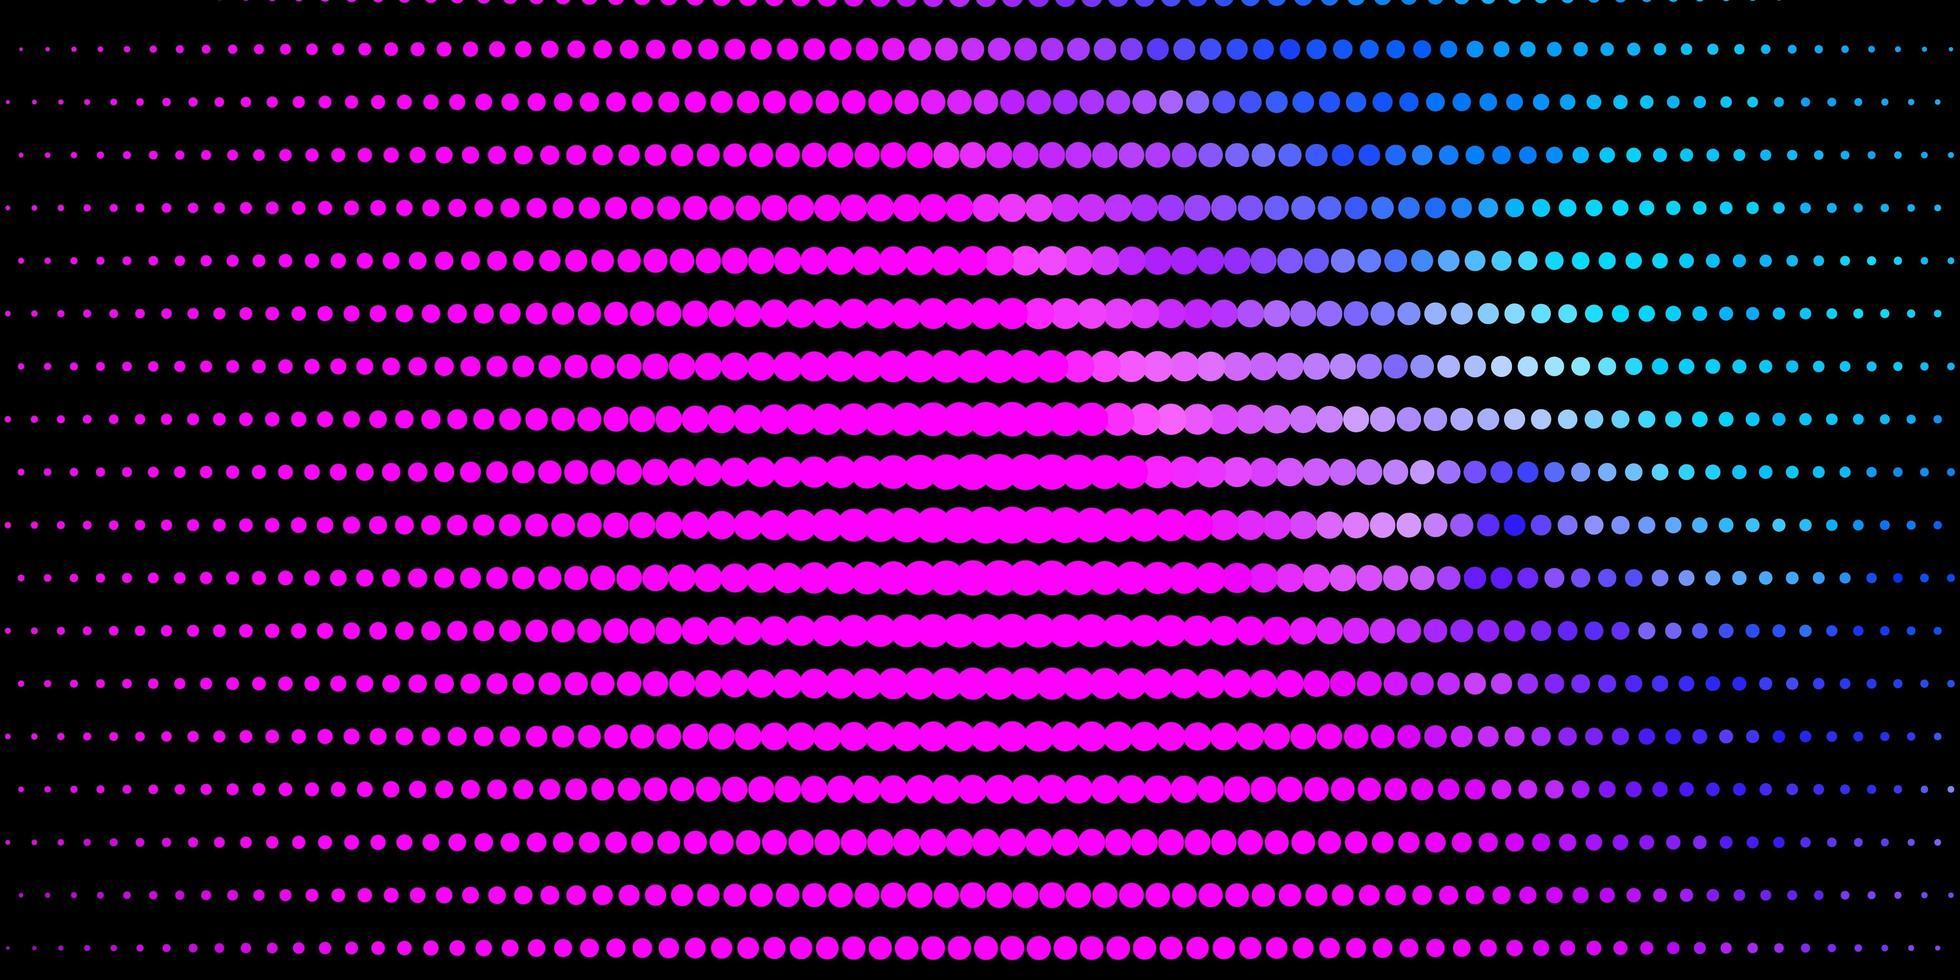 telón de fondo rosa y azul con círculos. vector